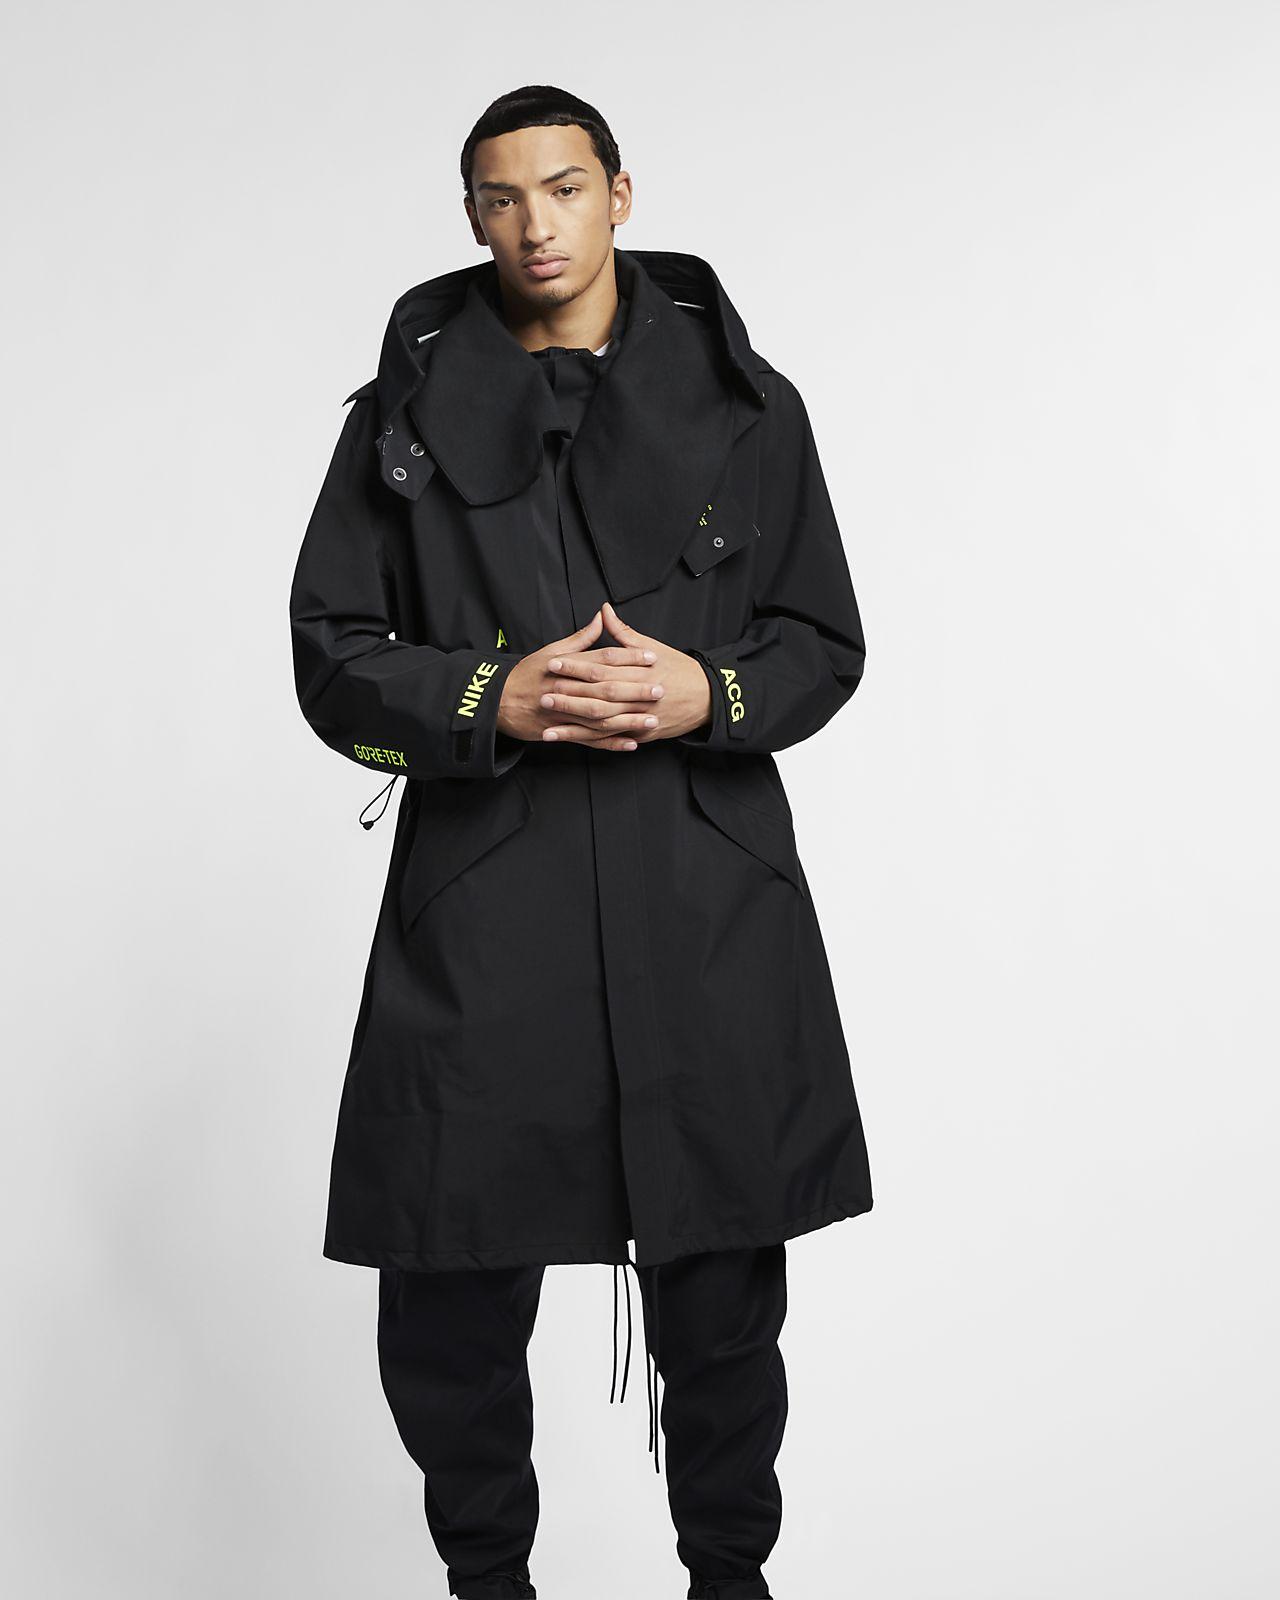 NikeLab ACG GORE-TEX® 男子夹克